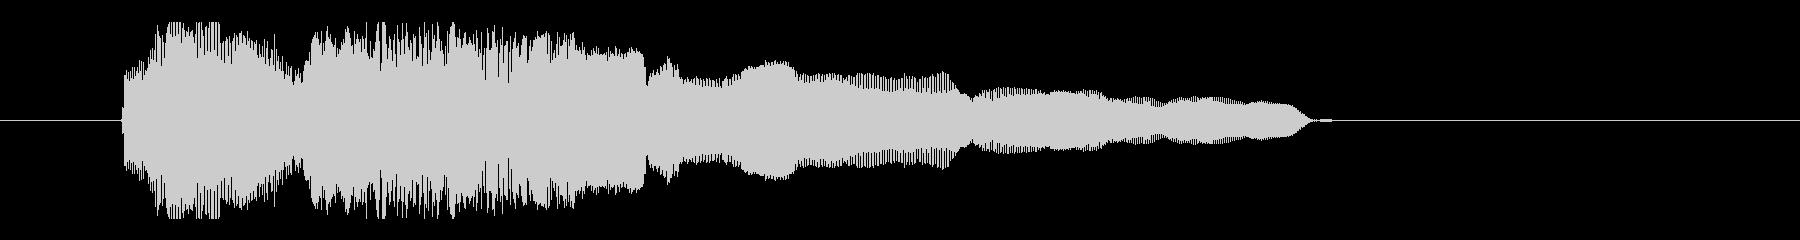 感情表現音_嘆き_04の未再生の波形